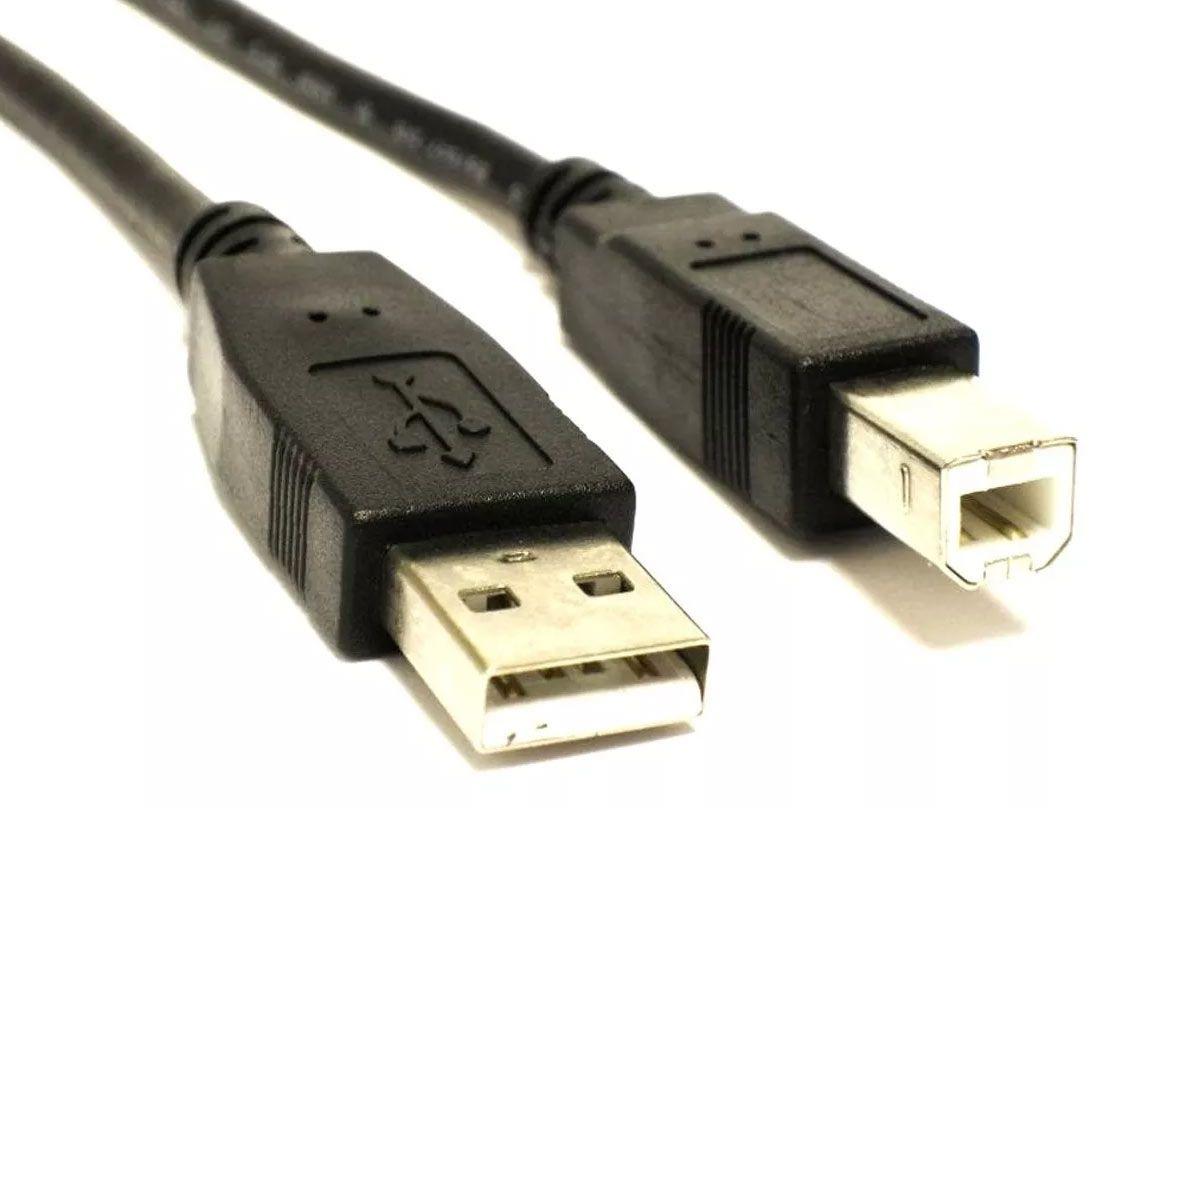 Cabo USB A - B Compatível com Arduino Uno / Mega / Impressora / Scanner - 1,5 metros